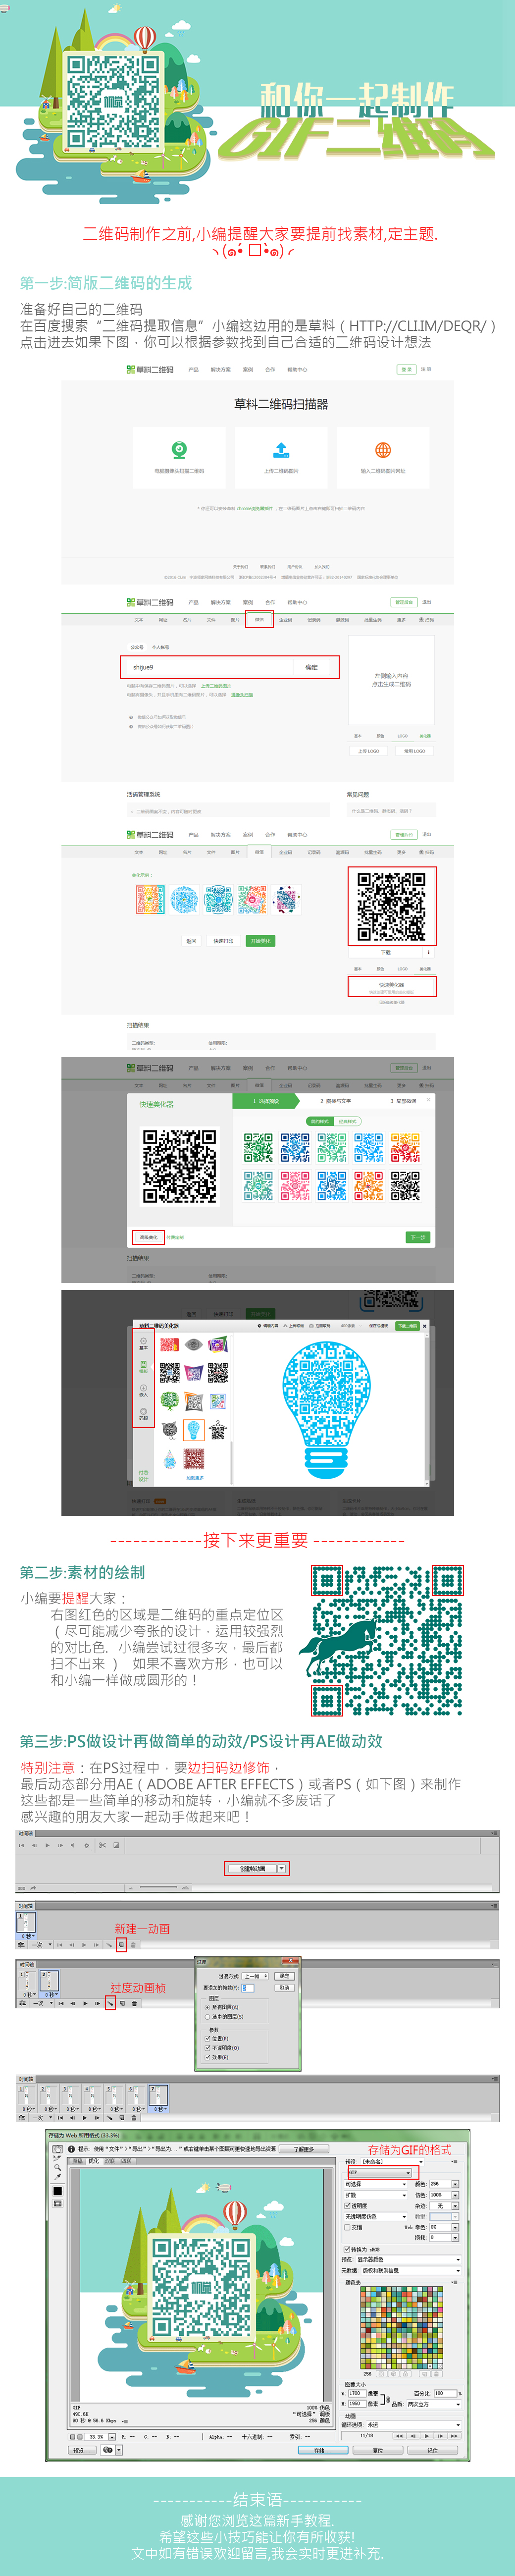 http://assets.kgc.cn/upload/image/20170116/1484556581680744.jpg